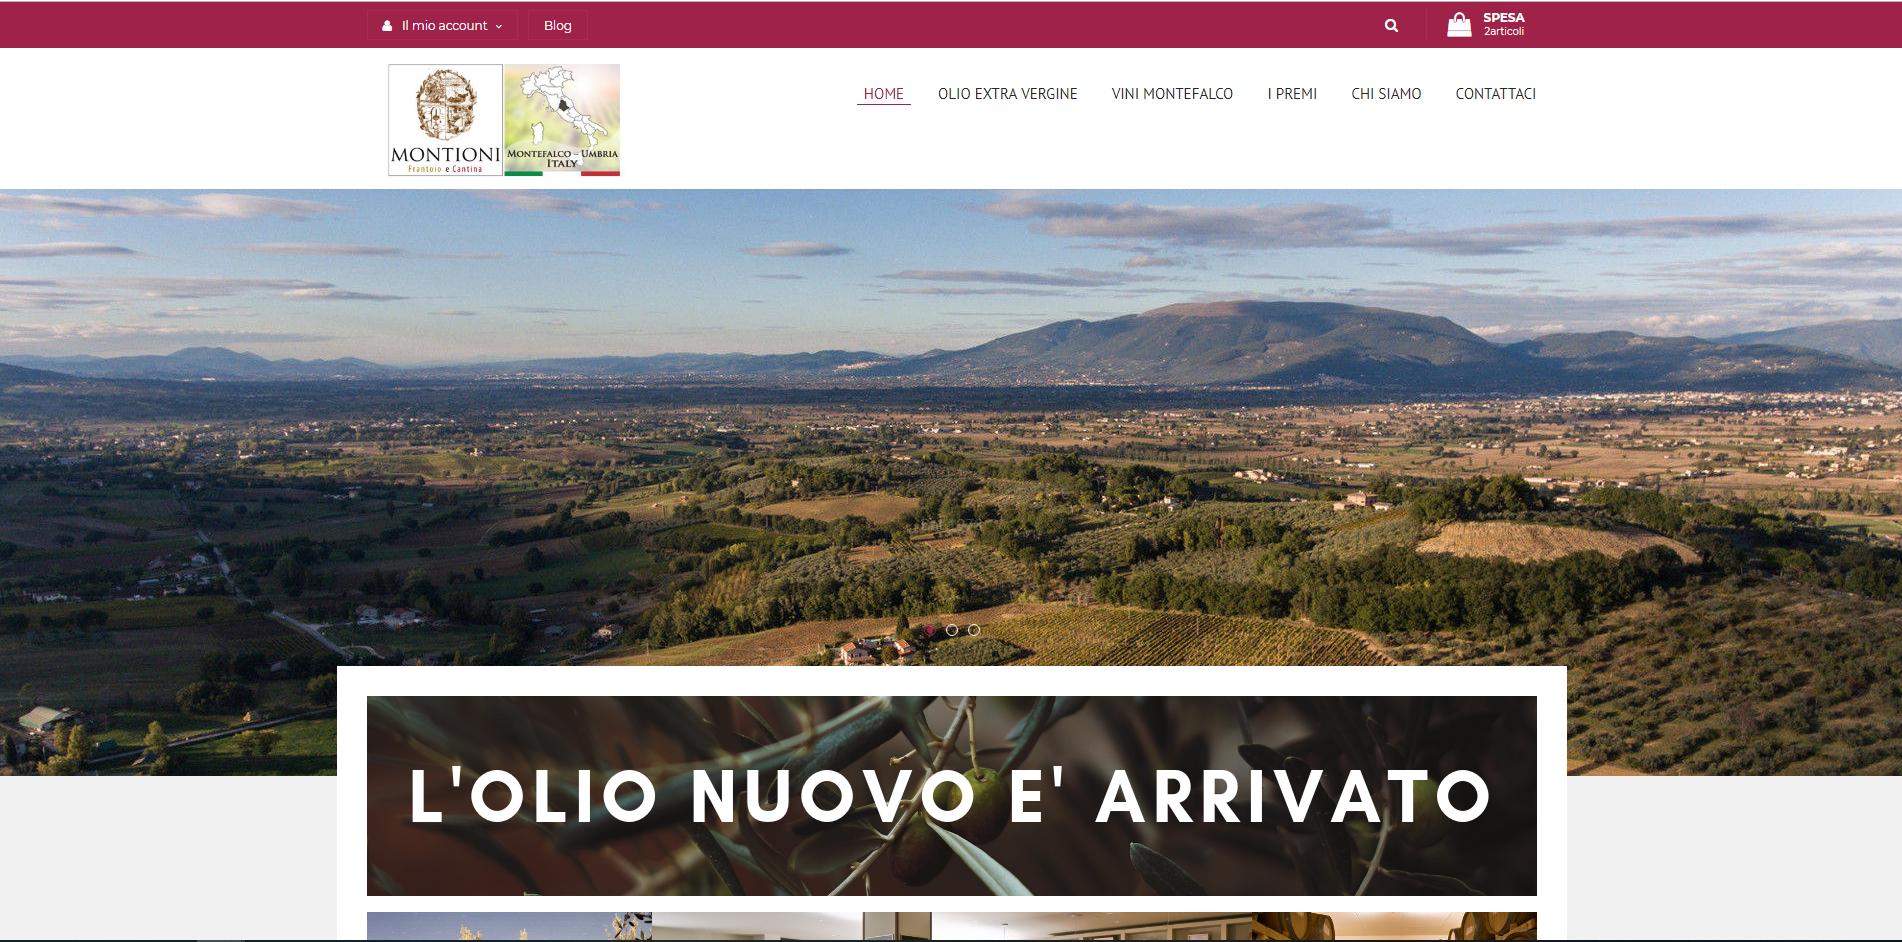 homepage sito www.vendita.gabrielemontioni.it sviluppato da jtp informatica